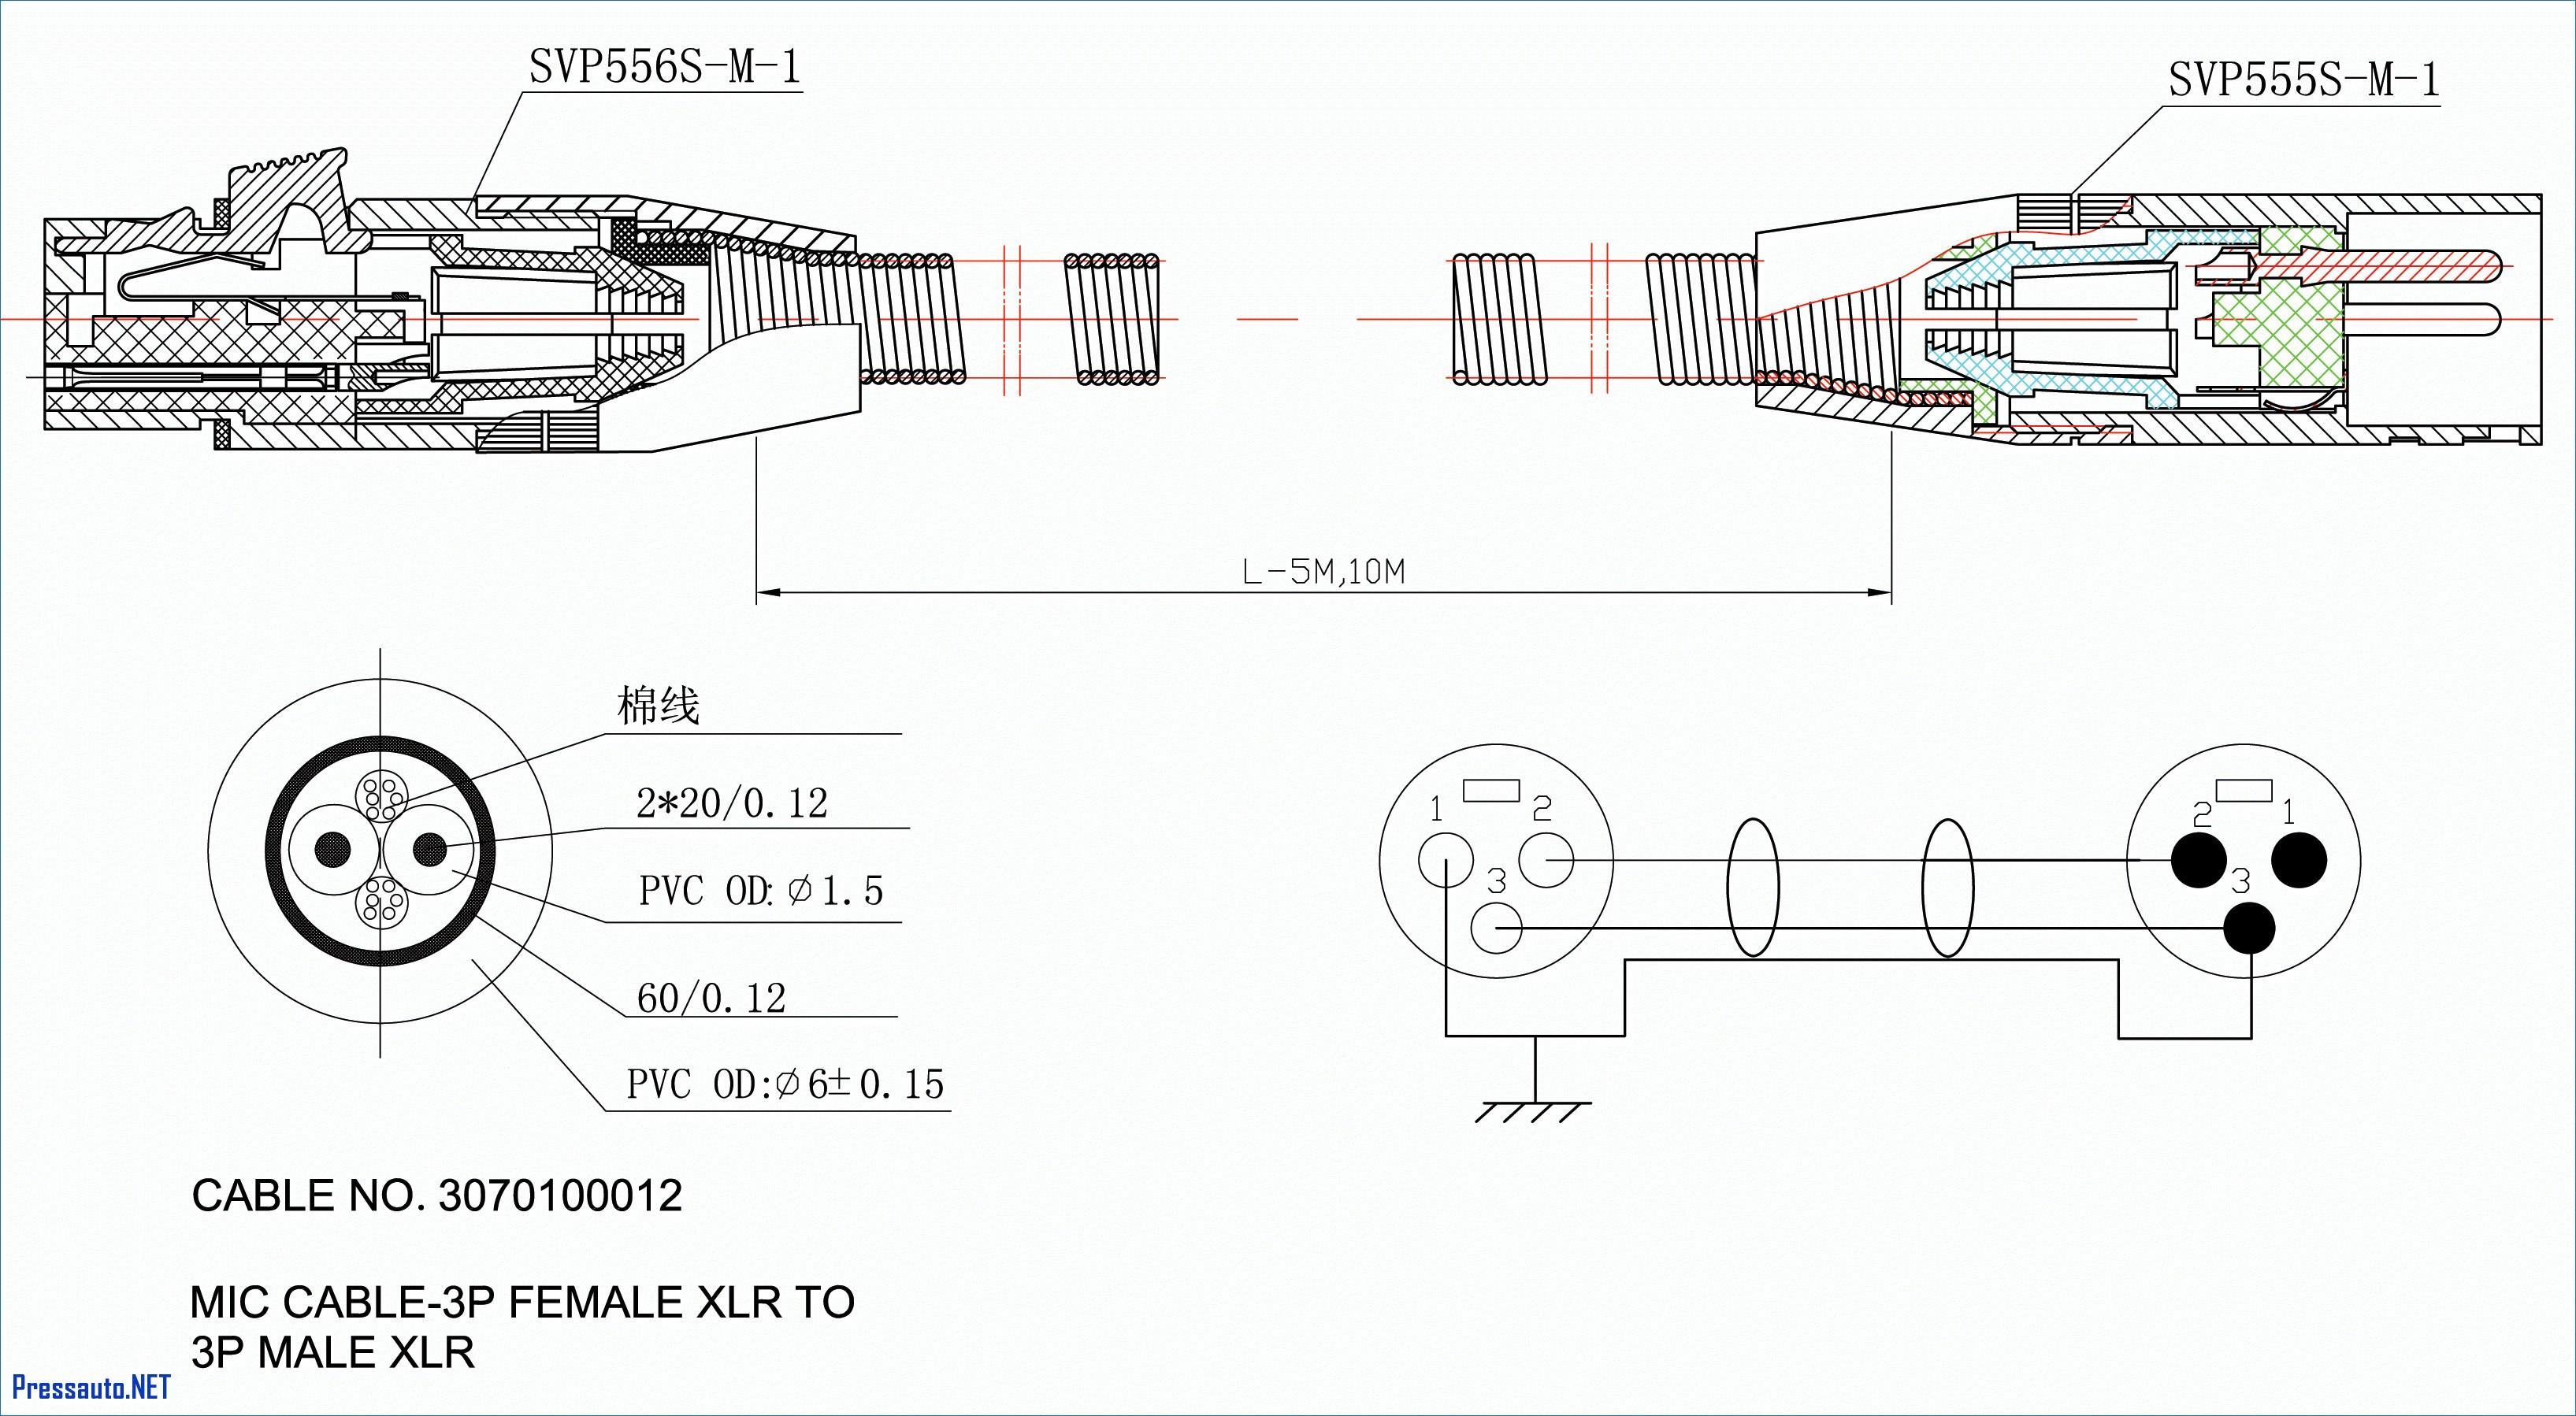 Gz 1881 2004 Chevrolet Cavalier Stereo Wiring Diagram Schematic Wiring